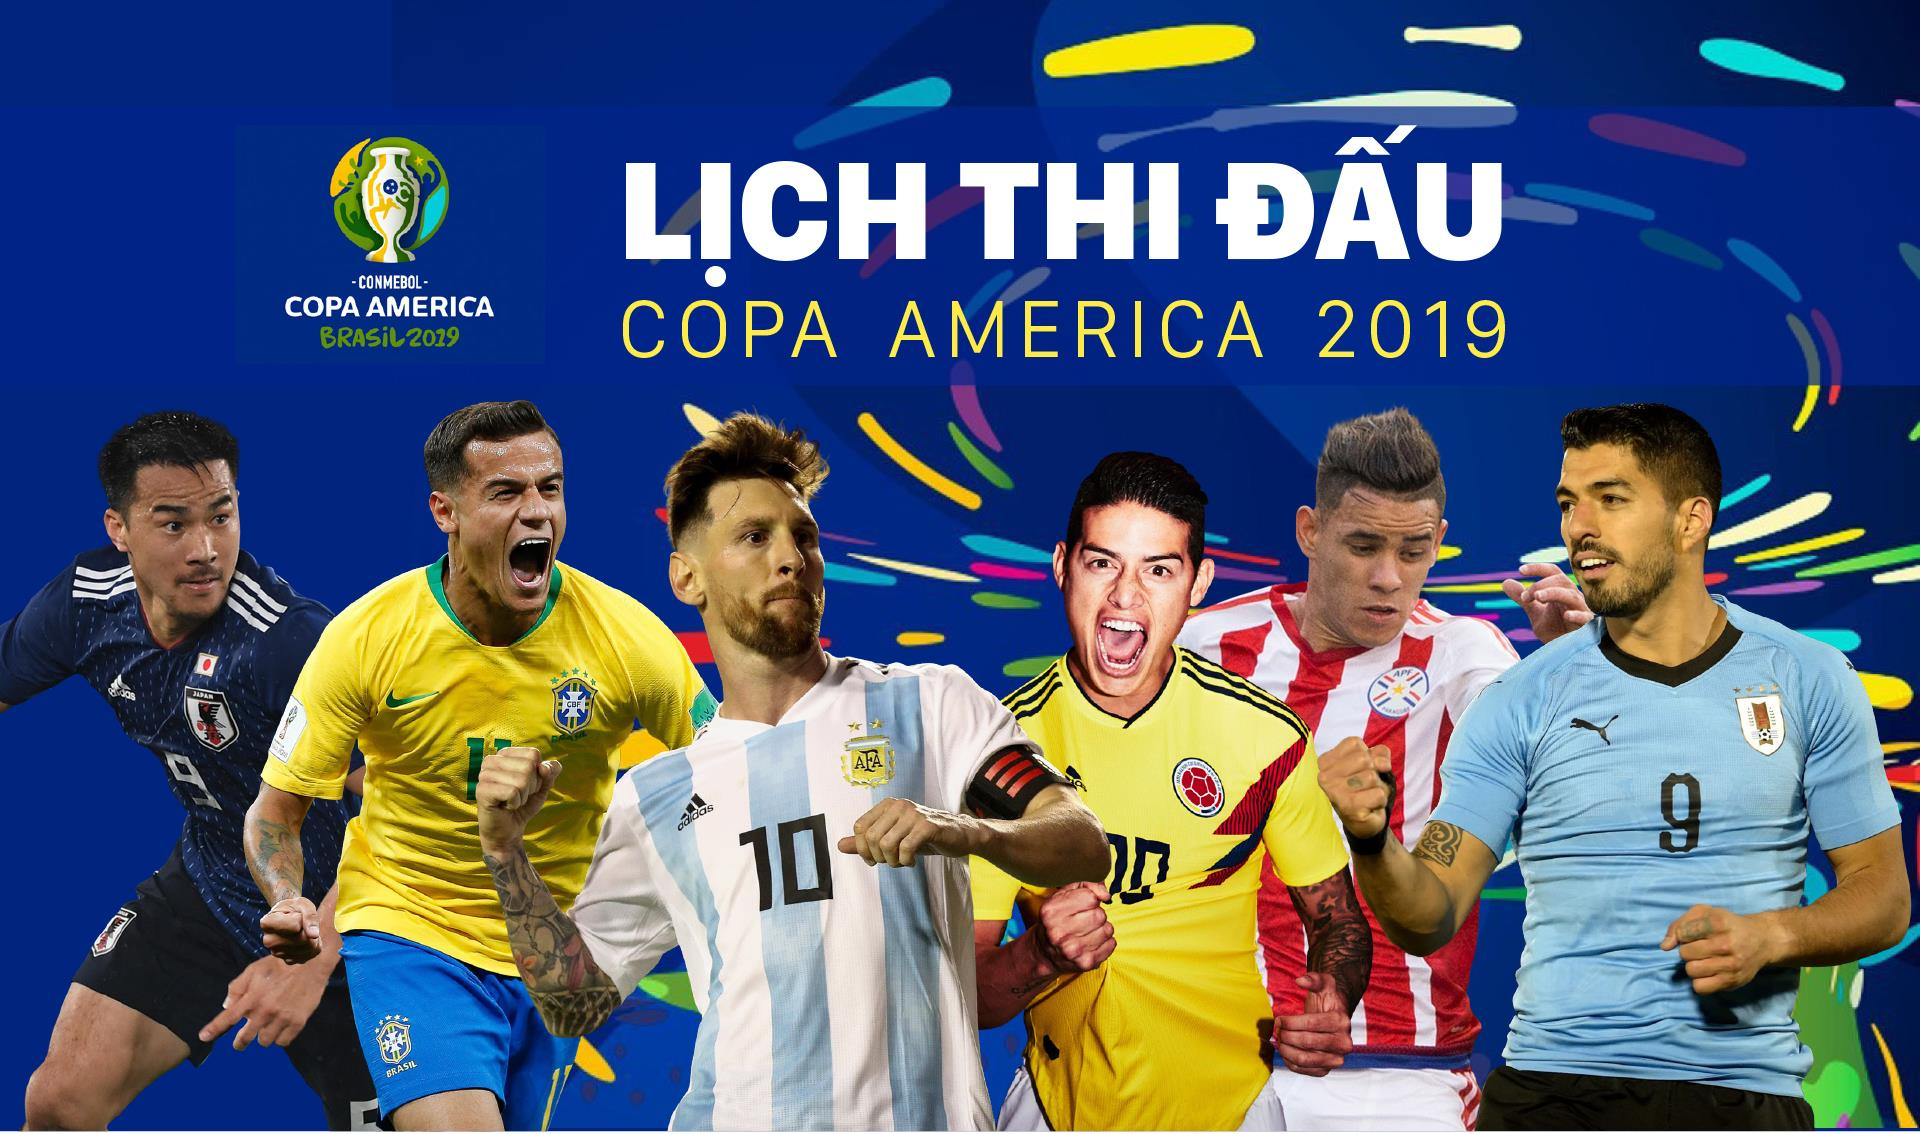 Lịch thi đấu bóng đá Copa America 2019